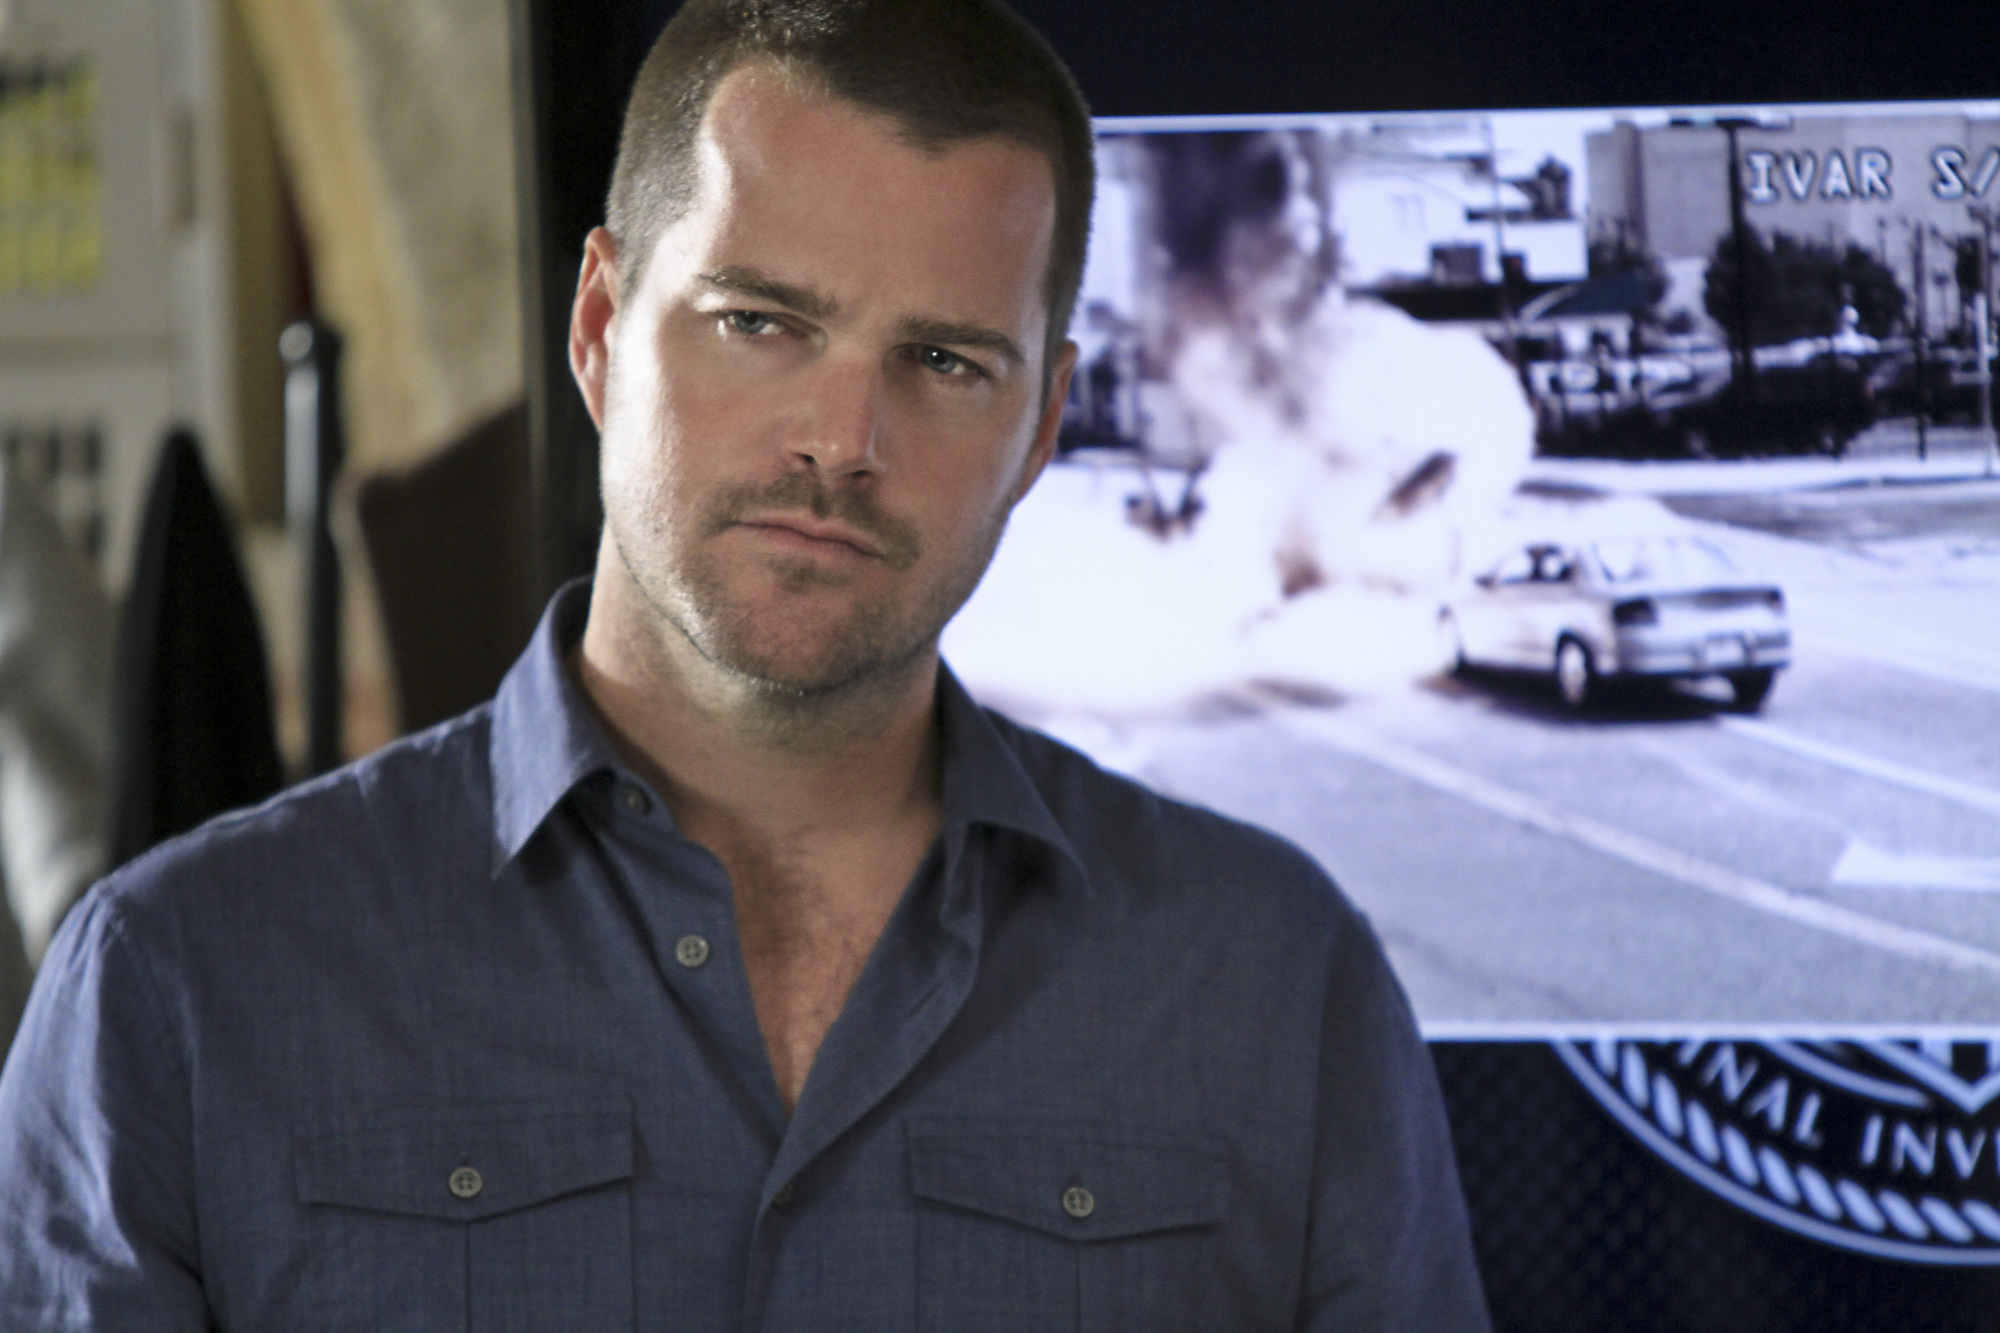 NCIS Special Agent G. Callen